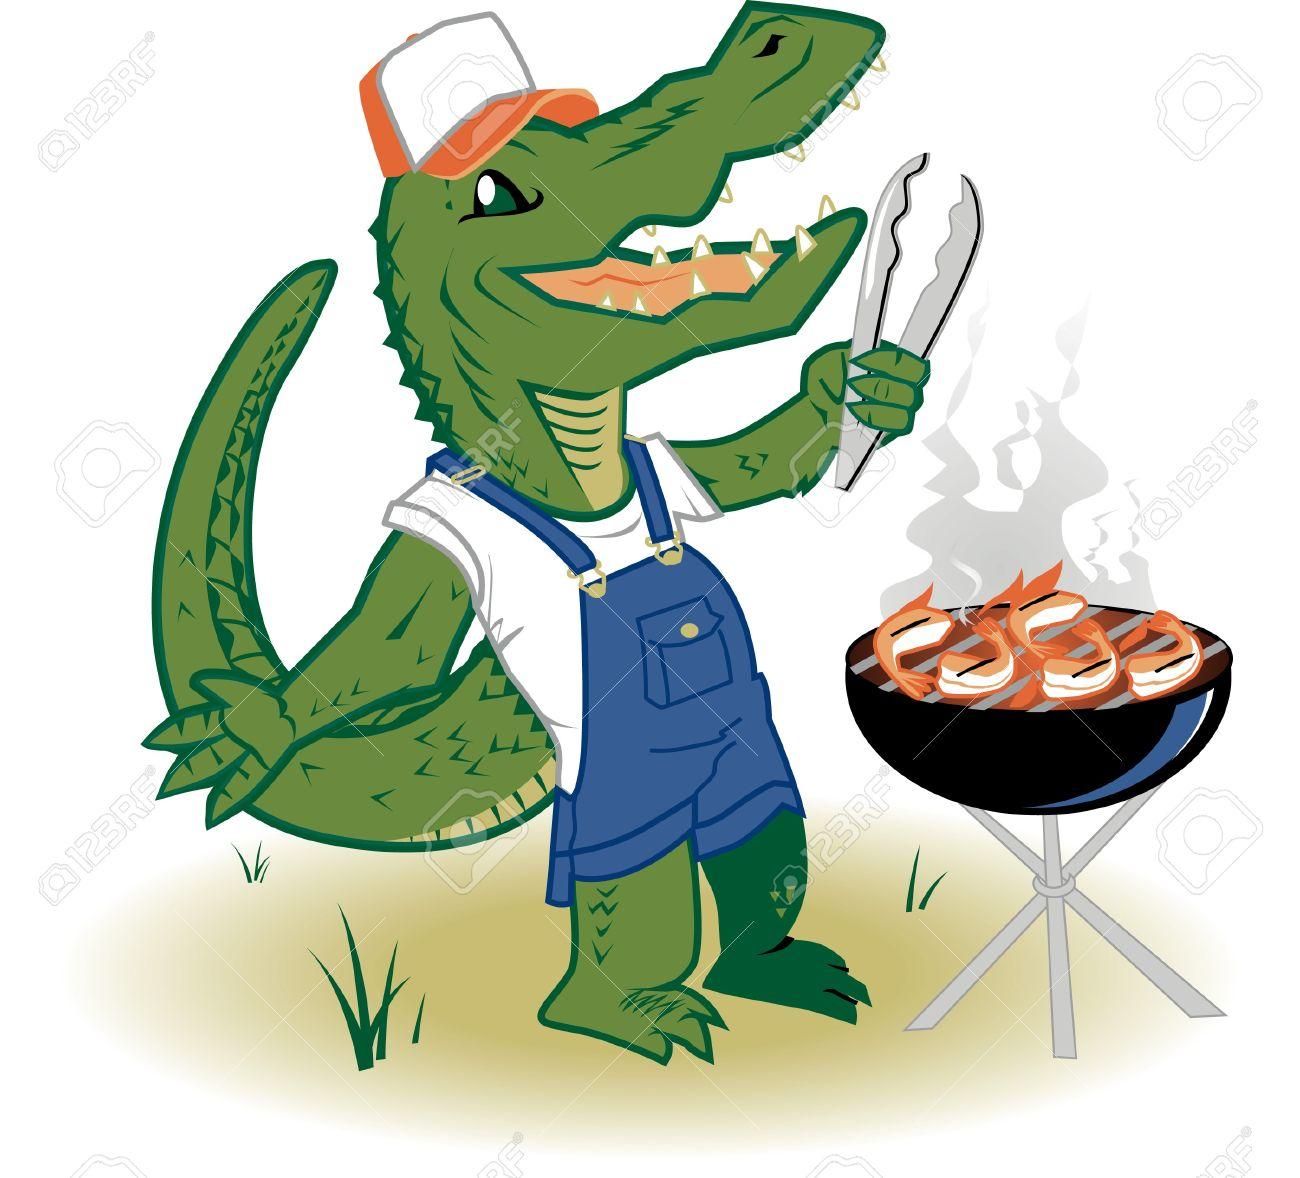 Image result for cartoon alligator grilling